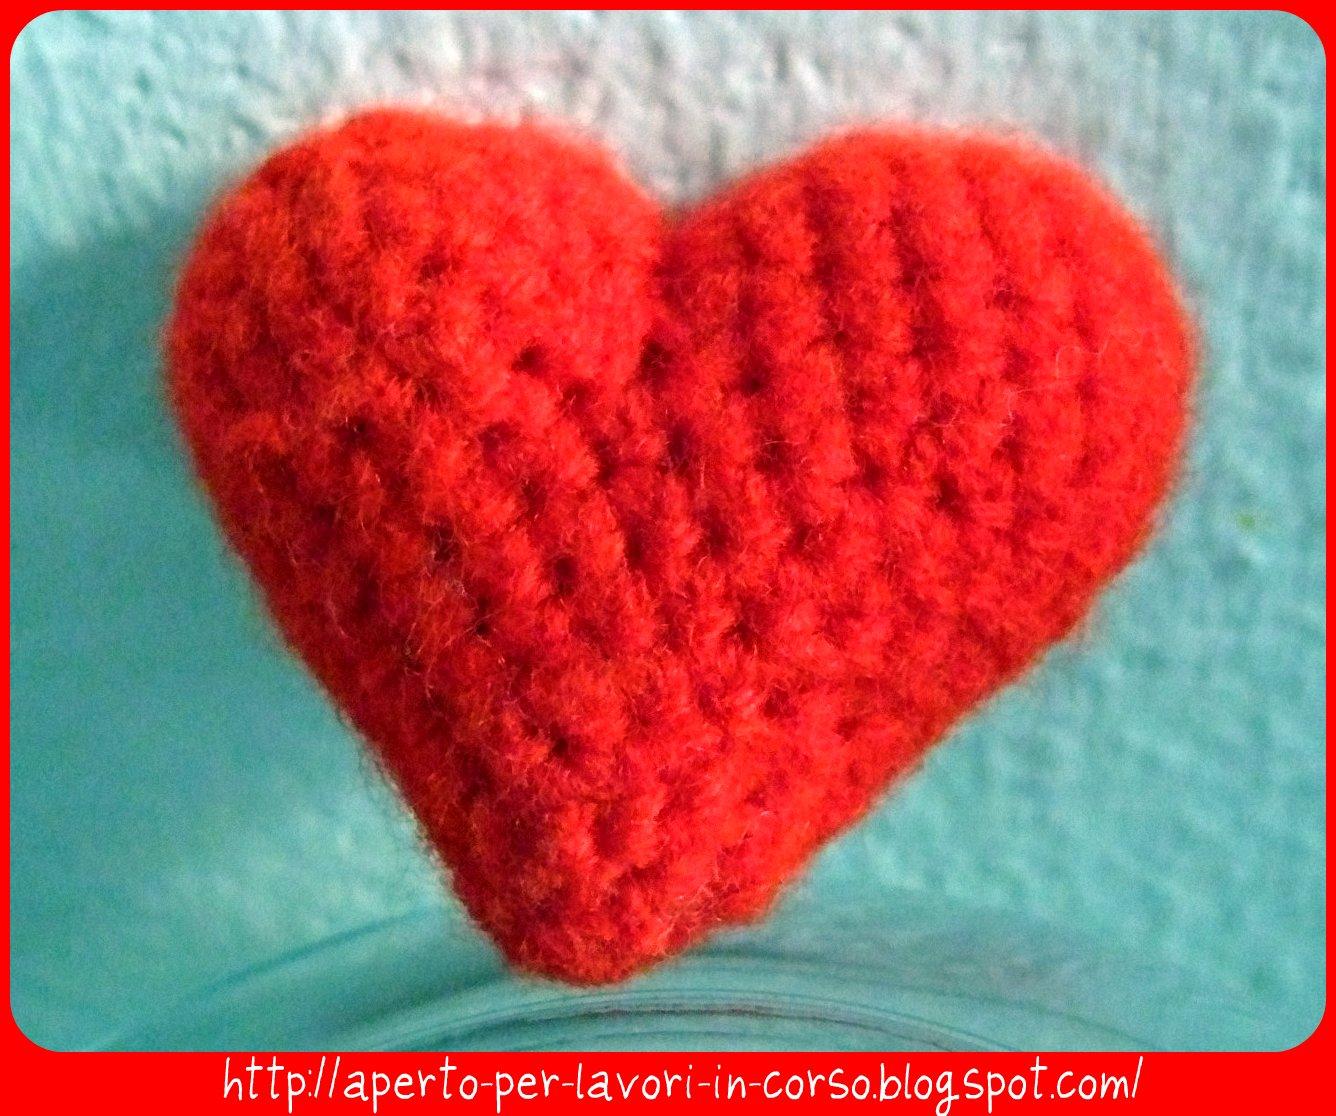 Istruzioni per confezionare un cuore tridimensionale all'uncinetto: